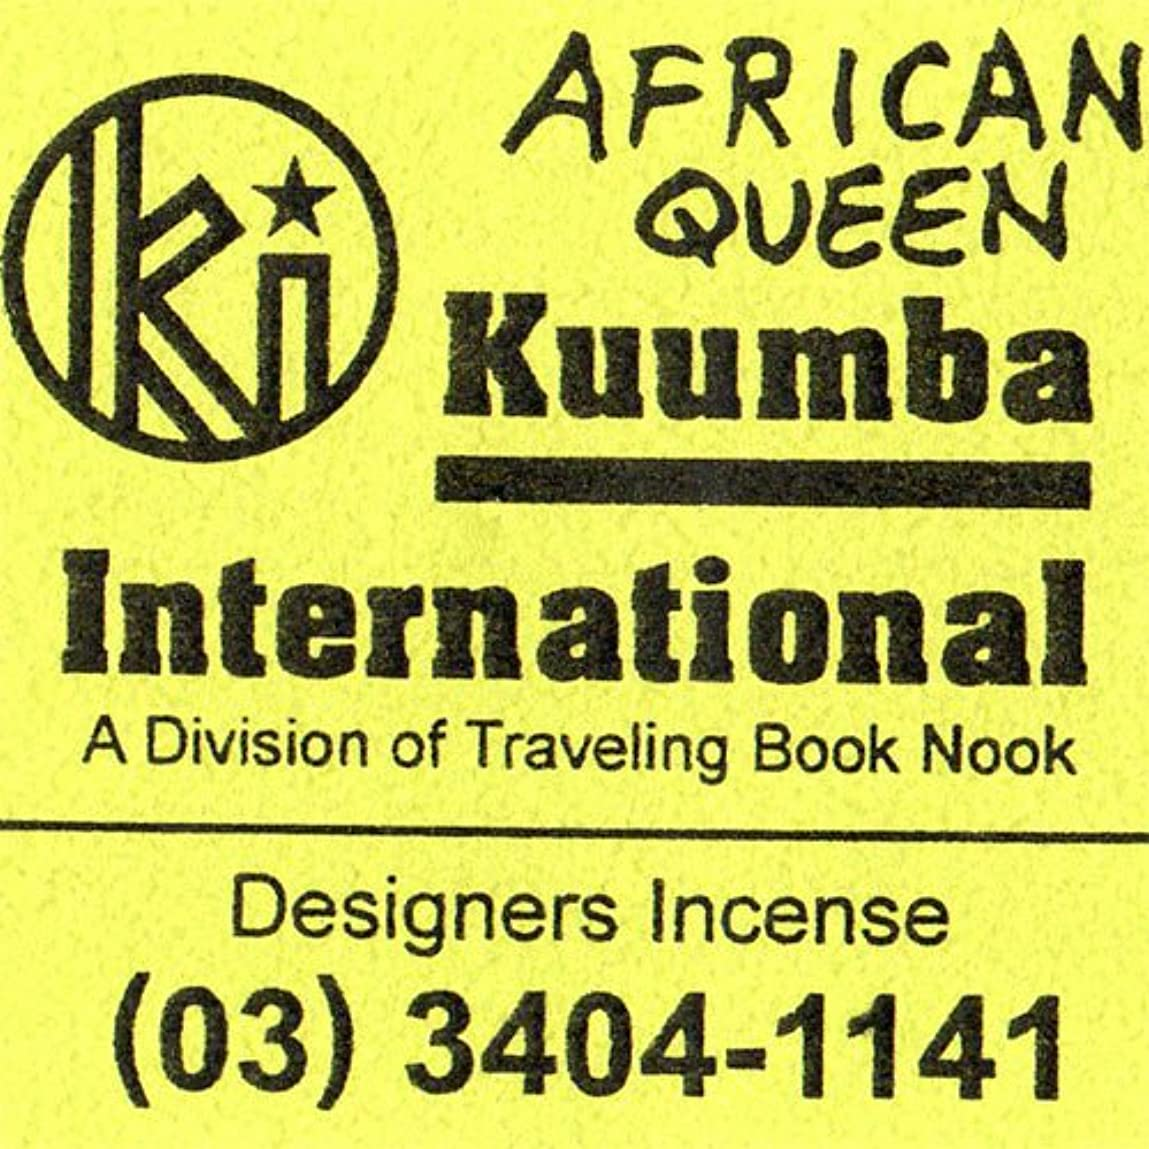 拍手否定するにおい(クンバ) KUUMBA『incense』(AFRICAN QUEEN) (Regular size)